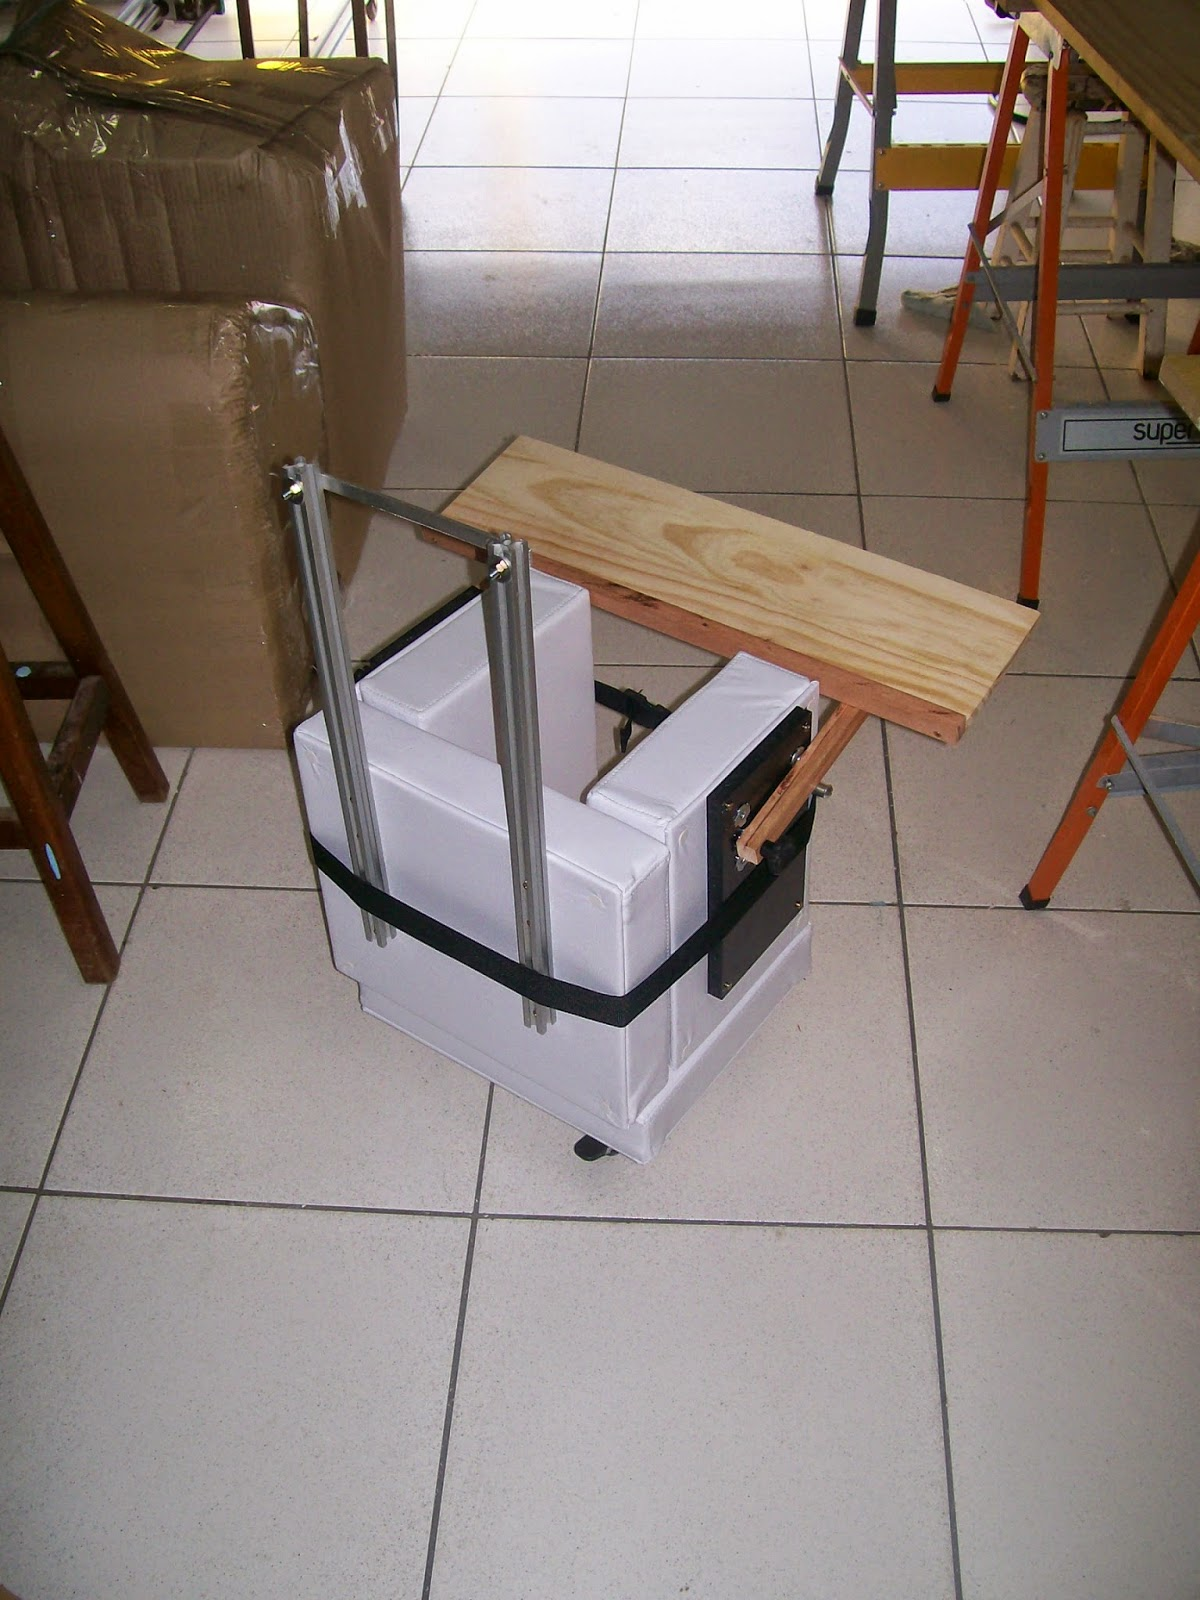 cadeira de megaesofago